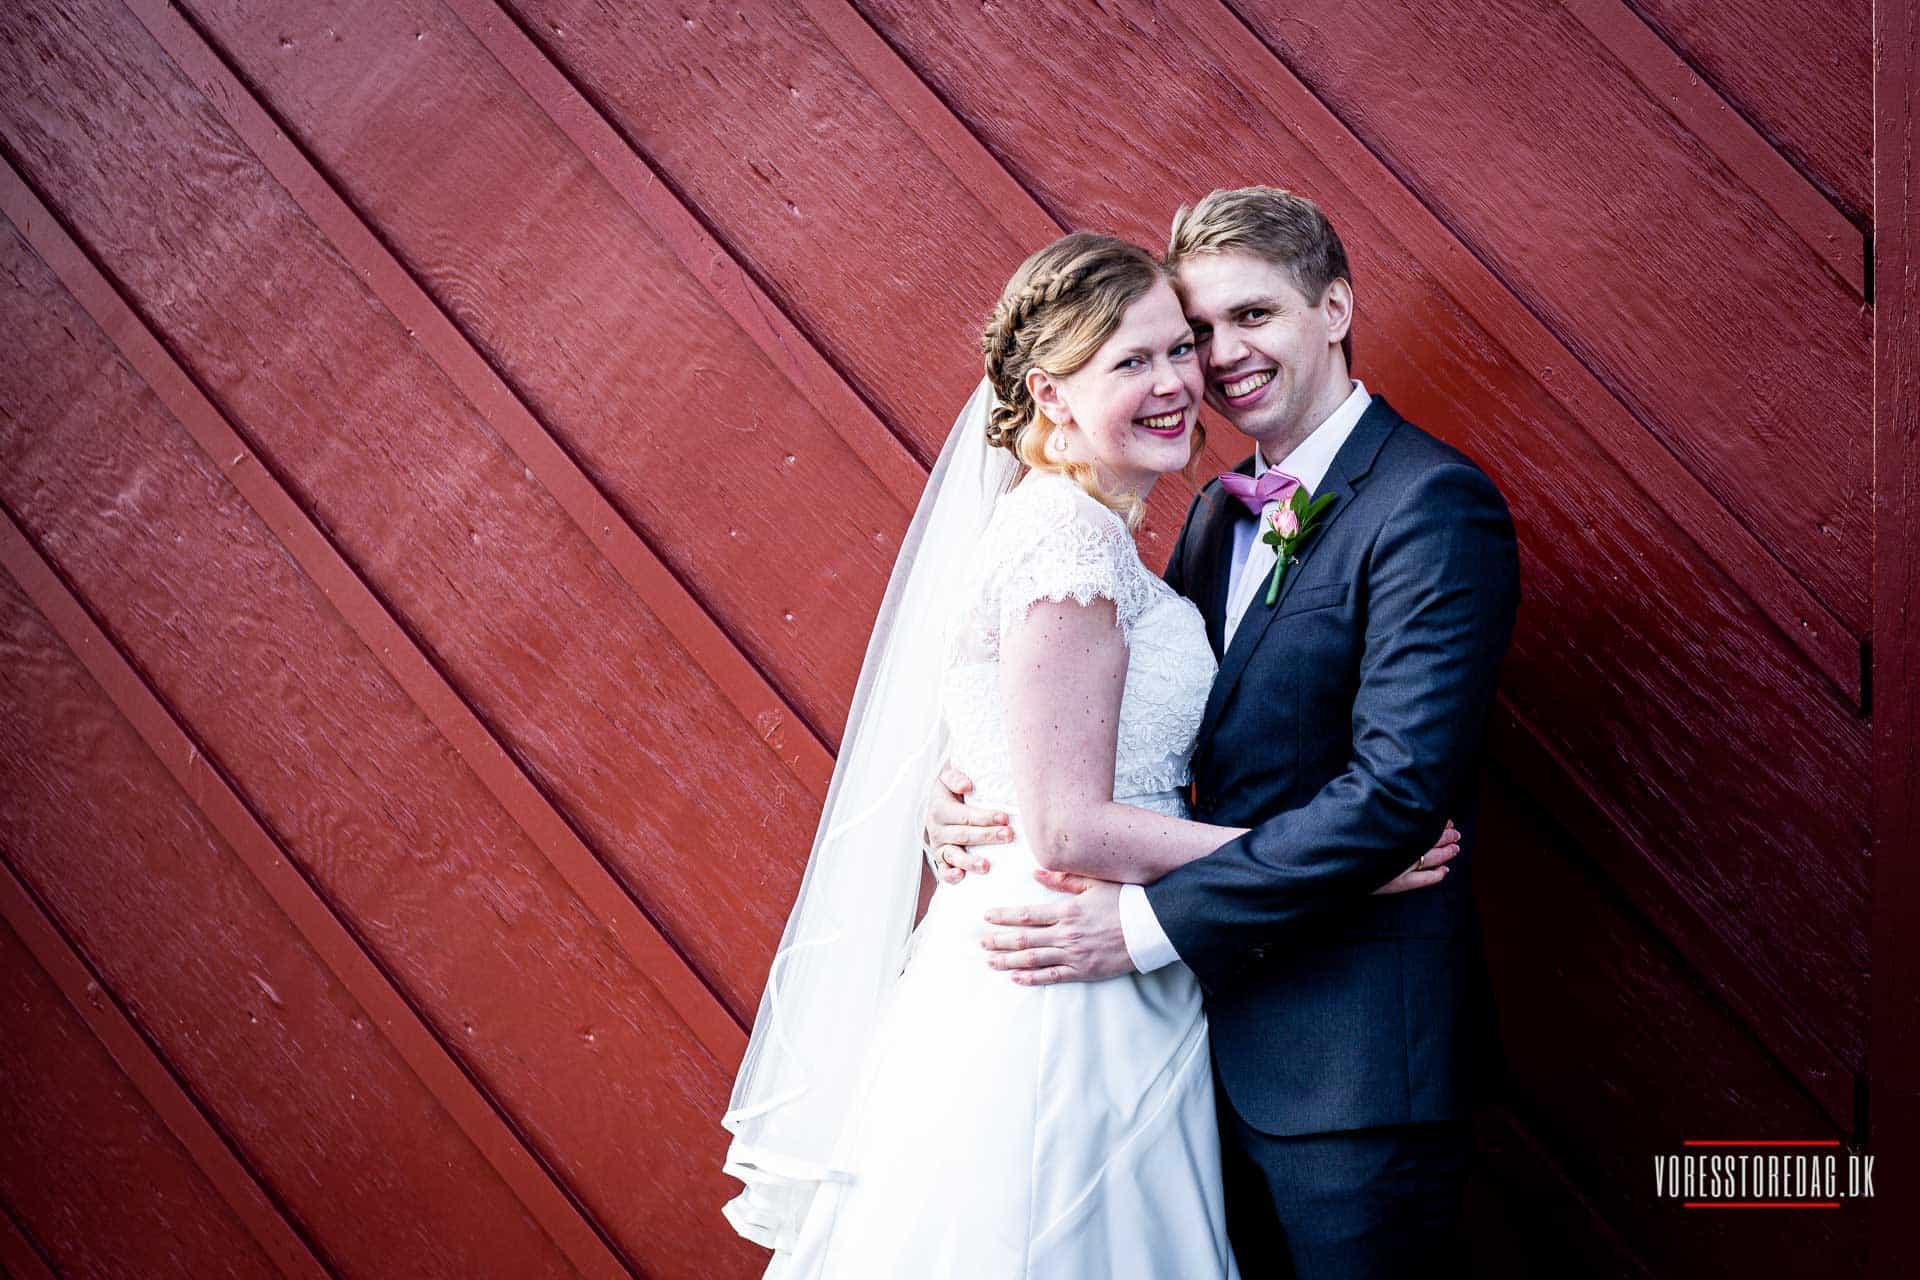 På Kaløvig Badehotel kan du trygt overlade dit kommende bryllup i vores hænder.